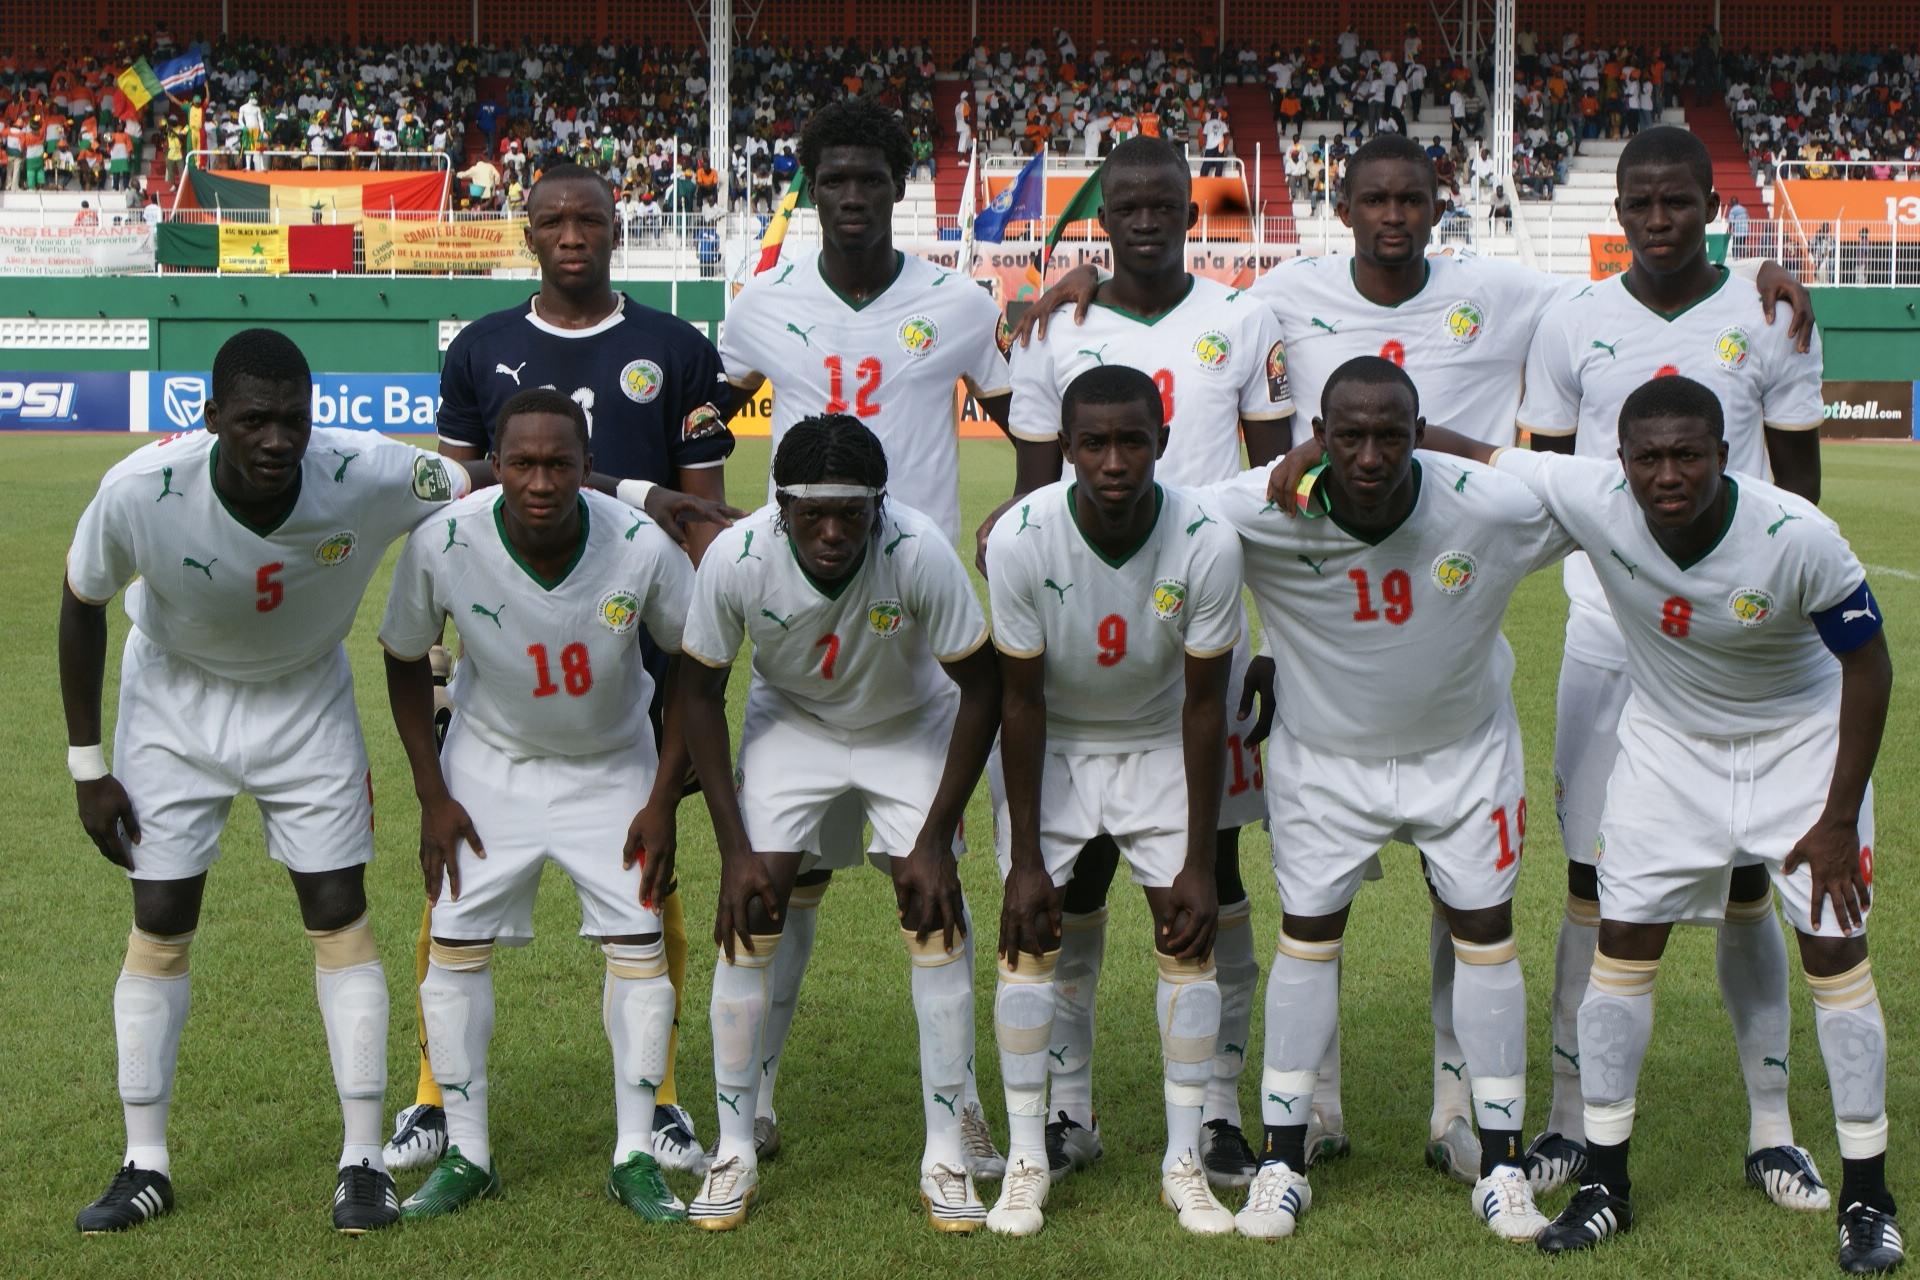 Tournoi UFAO: jour de finale pour le Sénégal